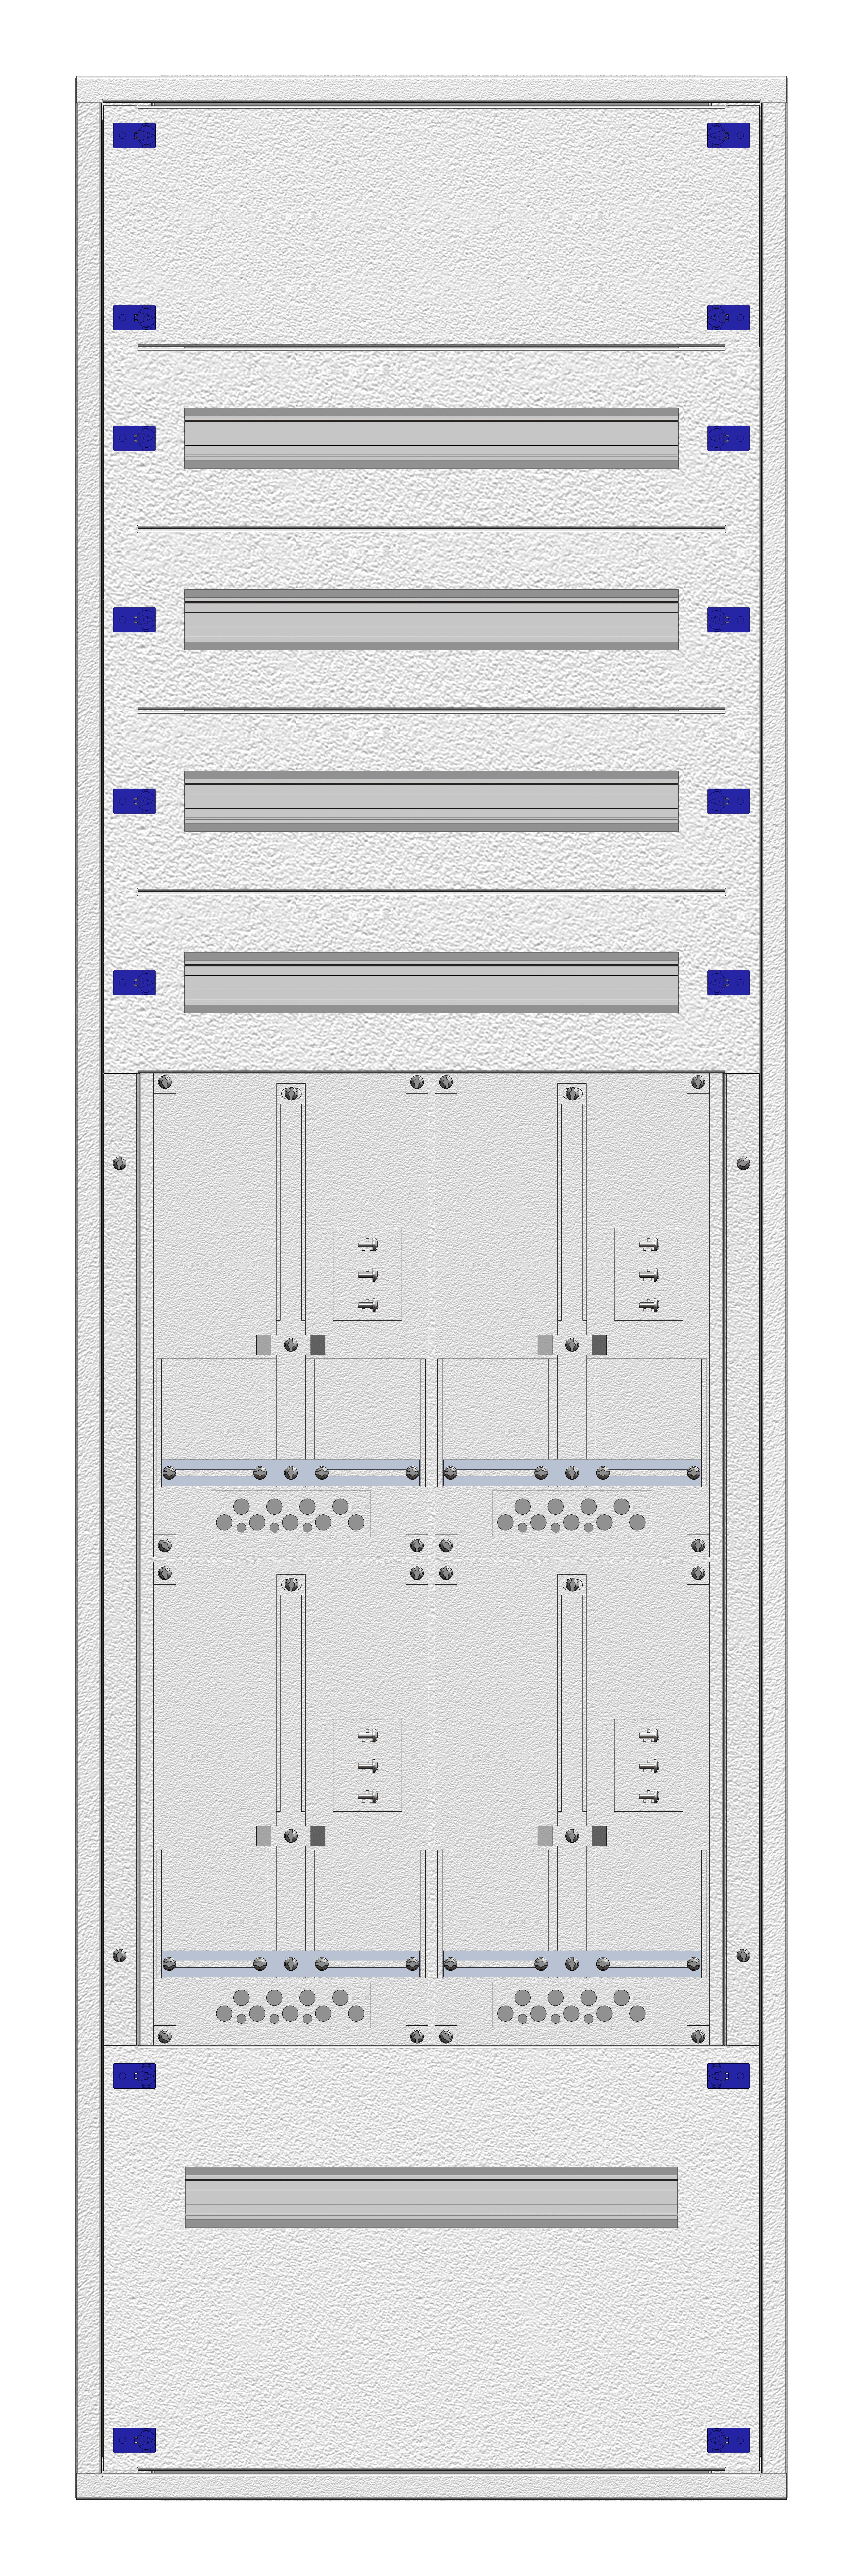 1 Stk Aufputz-Zählerverteiler 2A-39G/OOE 4ZP, H1885B590T250mm IL162239OS